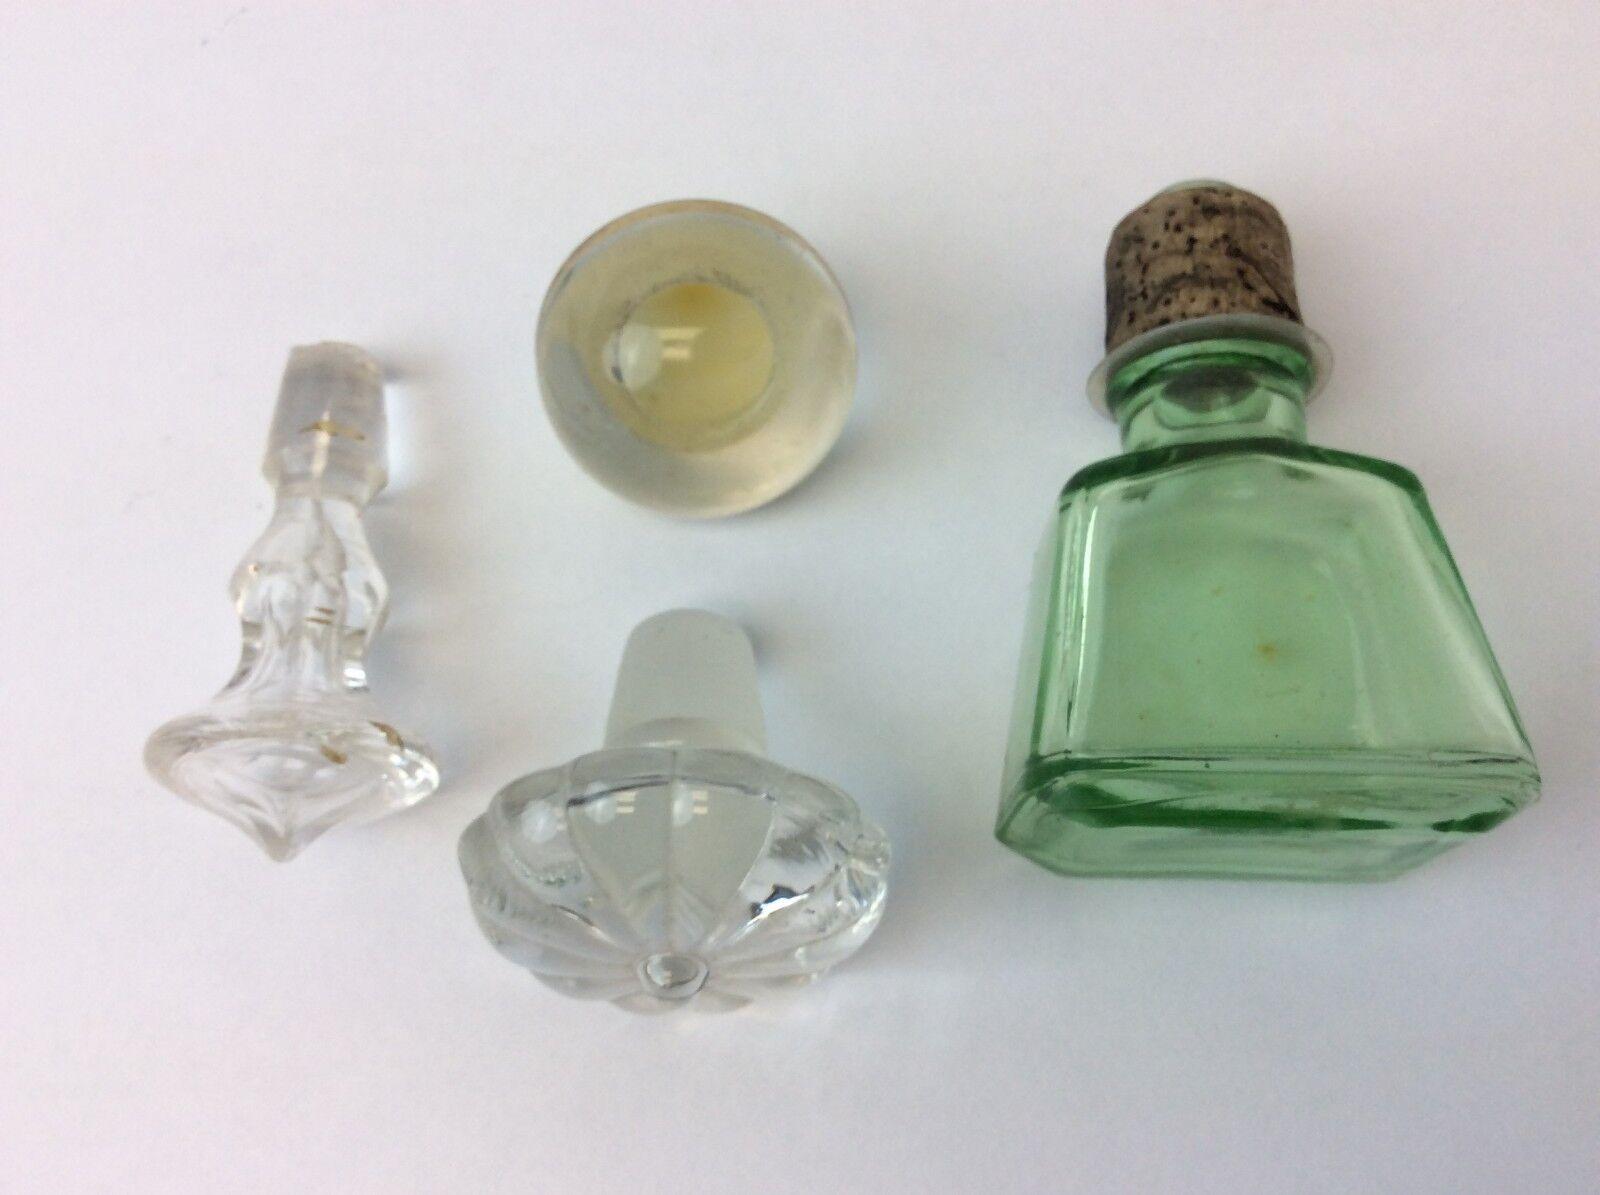 Vintage Gemischte Lot Lot Lot Gebraucht Grün & Klar Glasflasche Oberseiten Toppers | Mittlere Kosten  c4c89c